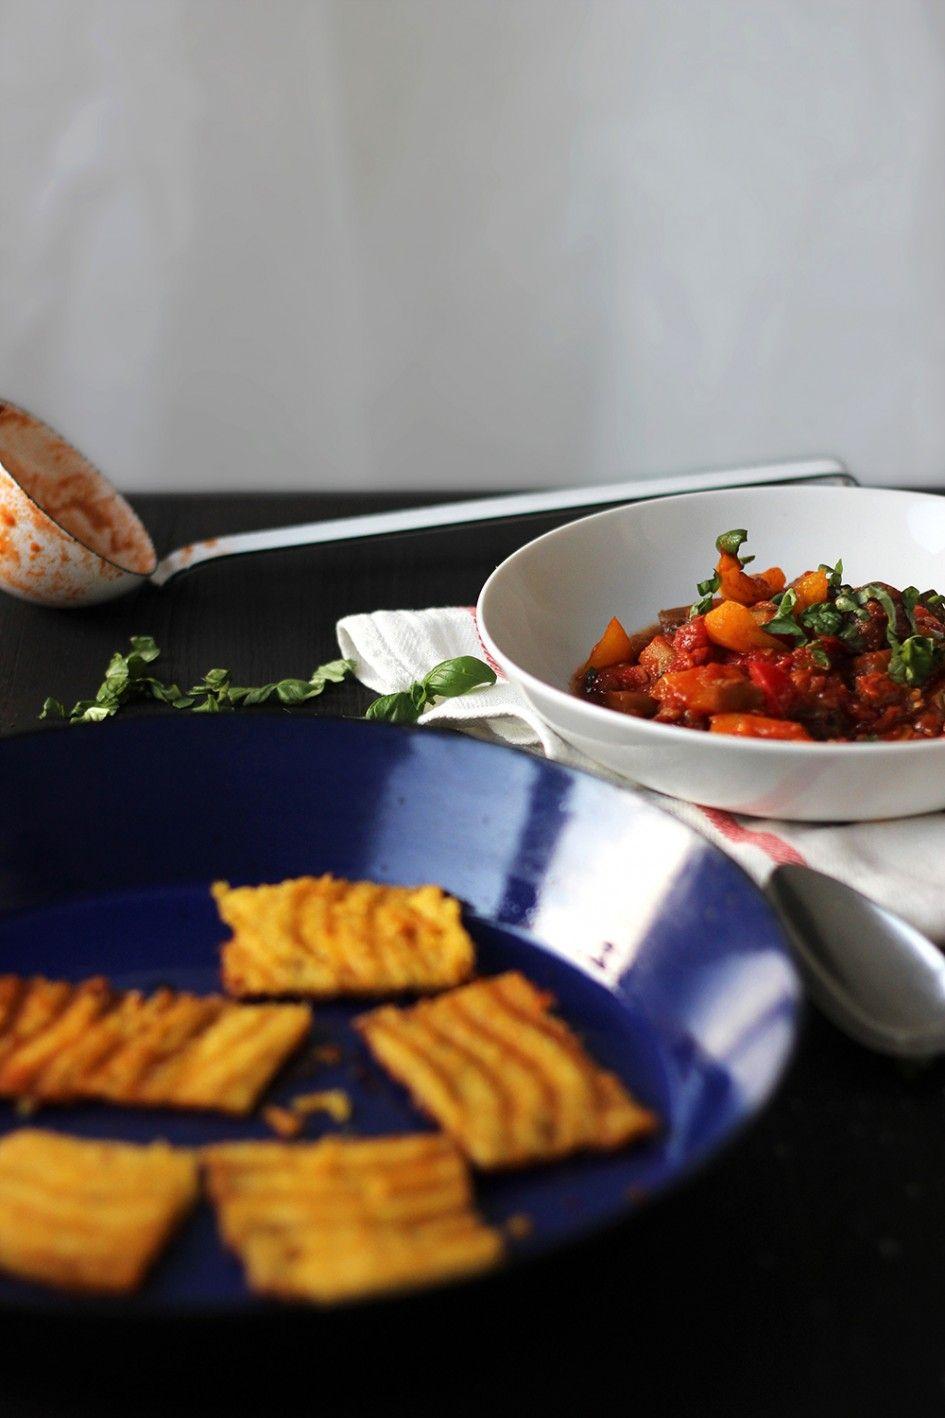 Veggie und frei von, Ratatouille mit Polentaschnitten Rezept, vegetarisch, vegan, glutenfrei